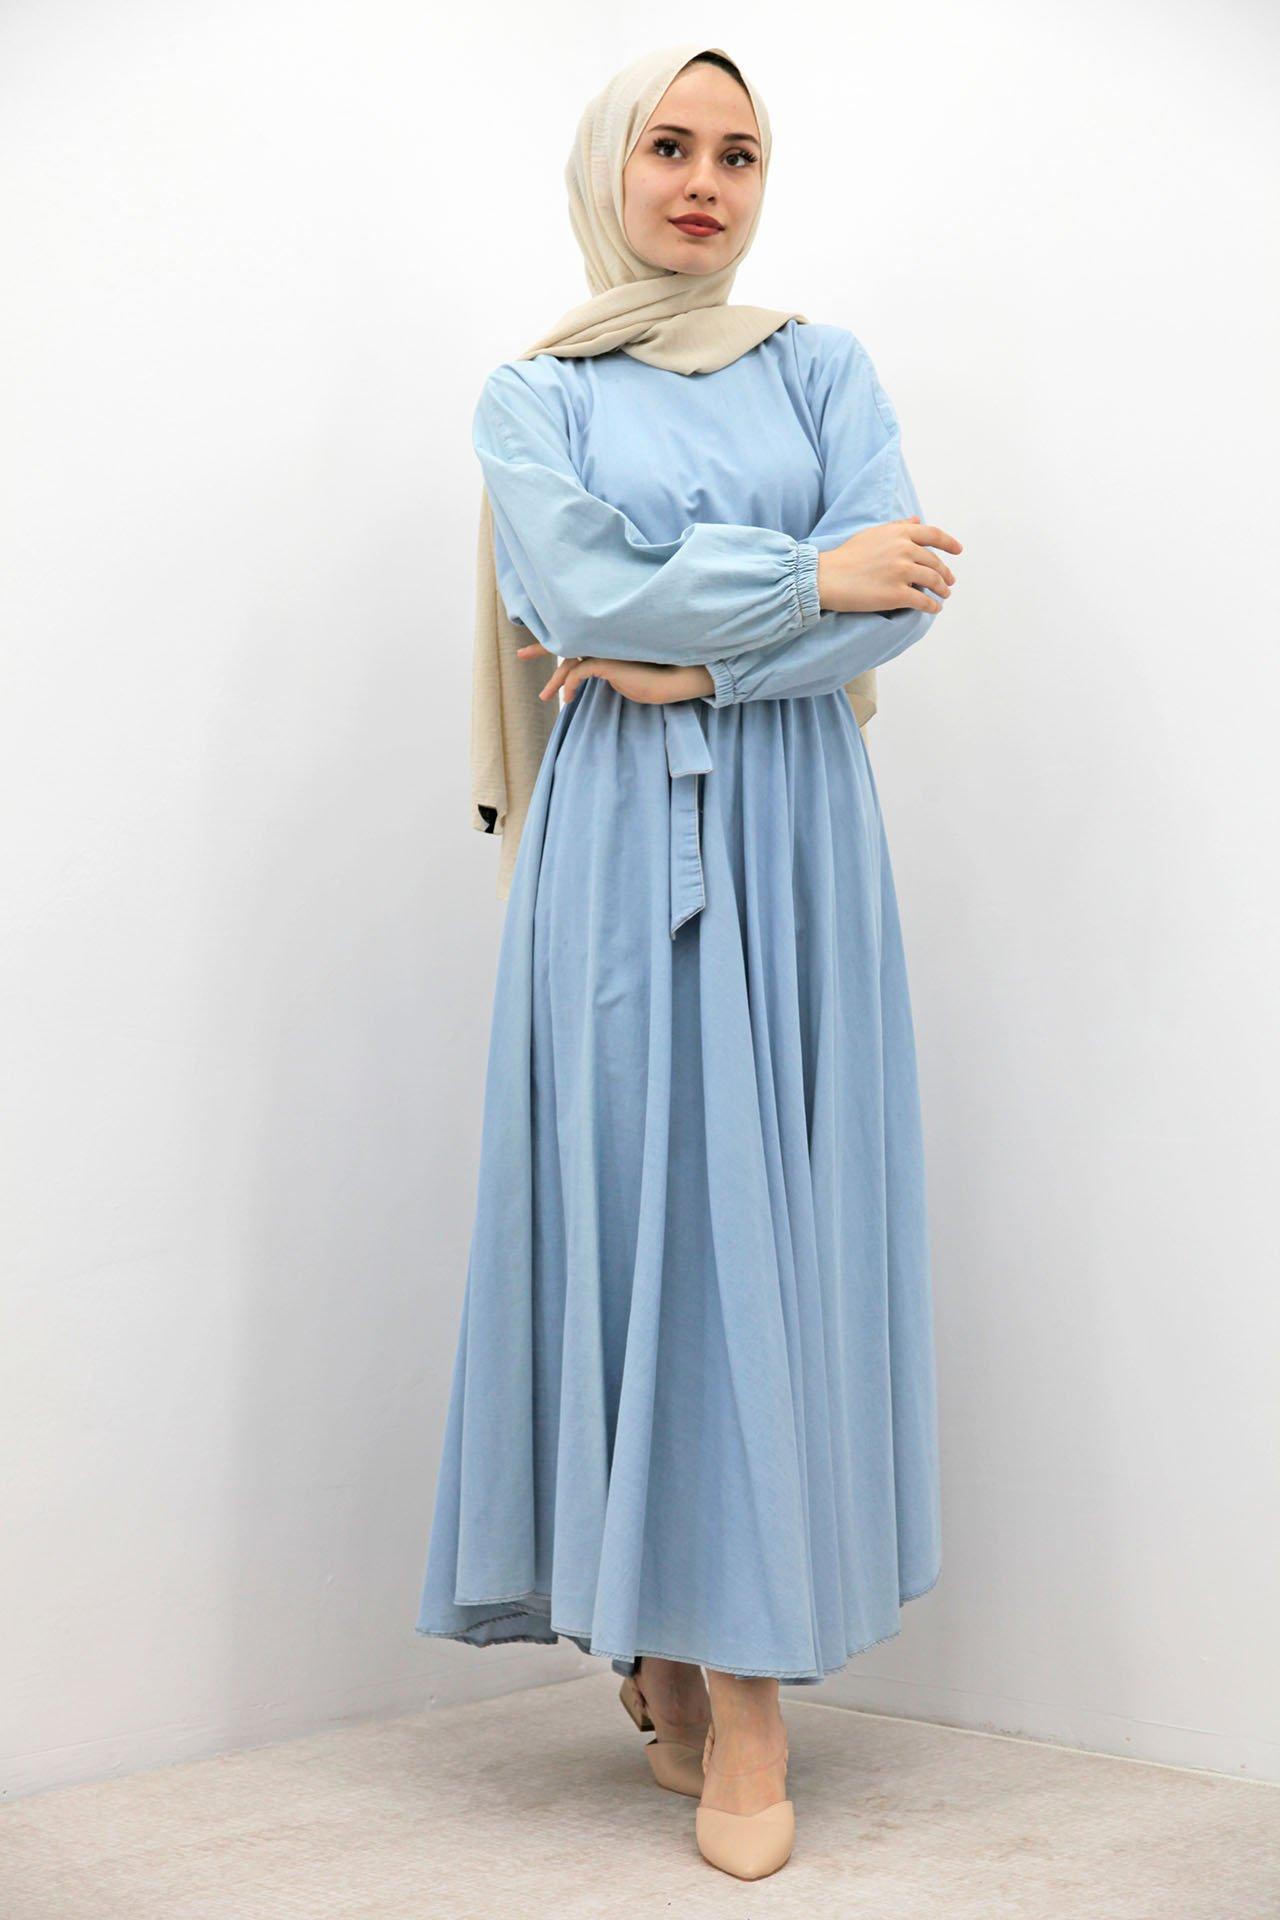 Beli Lastikli Açık Kot Elbise - Thumbnail